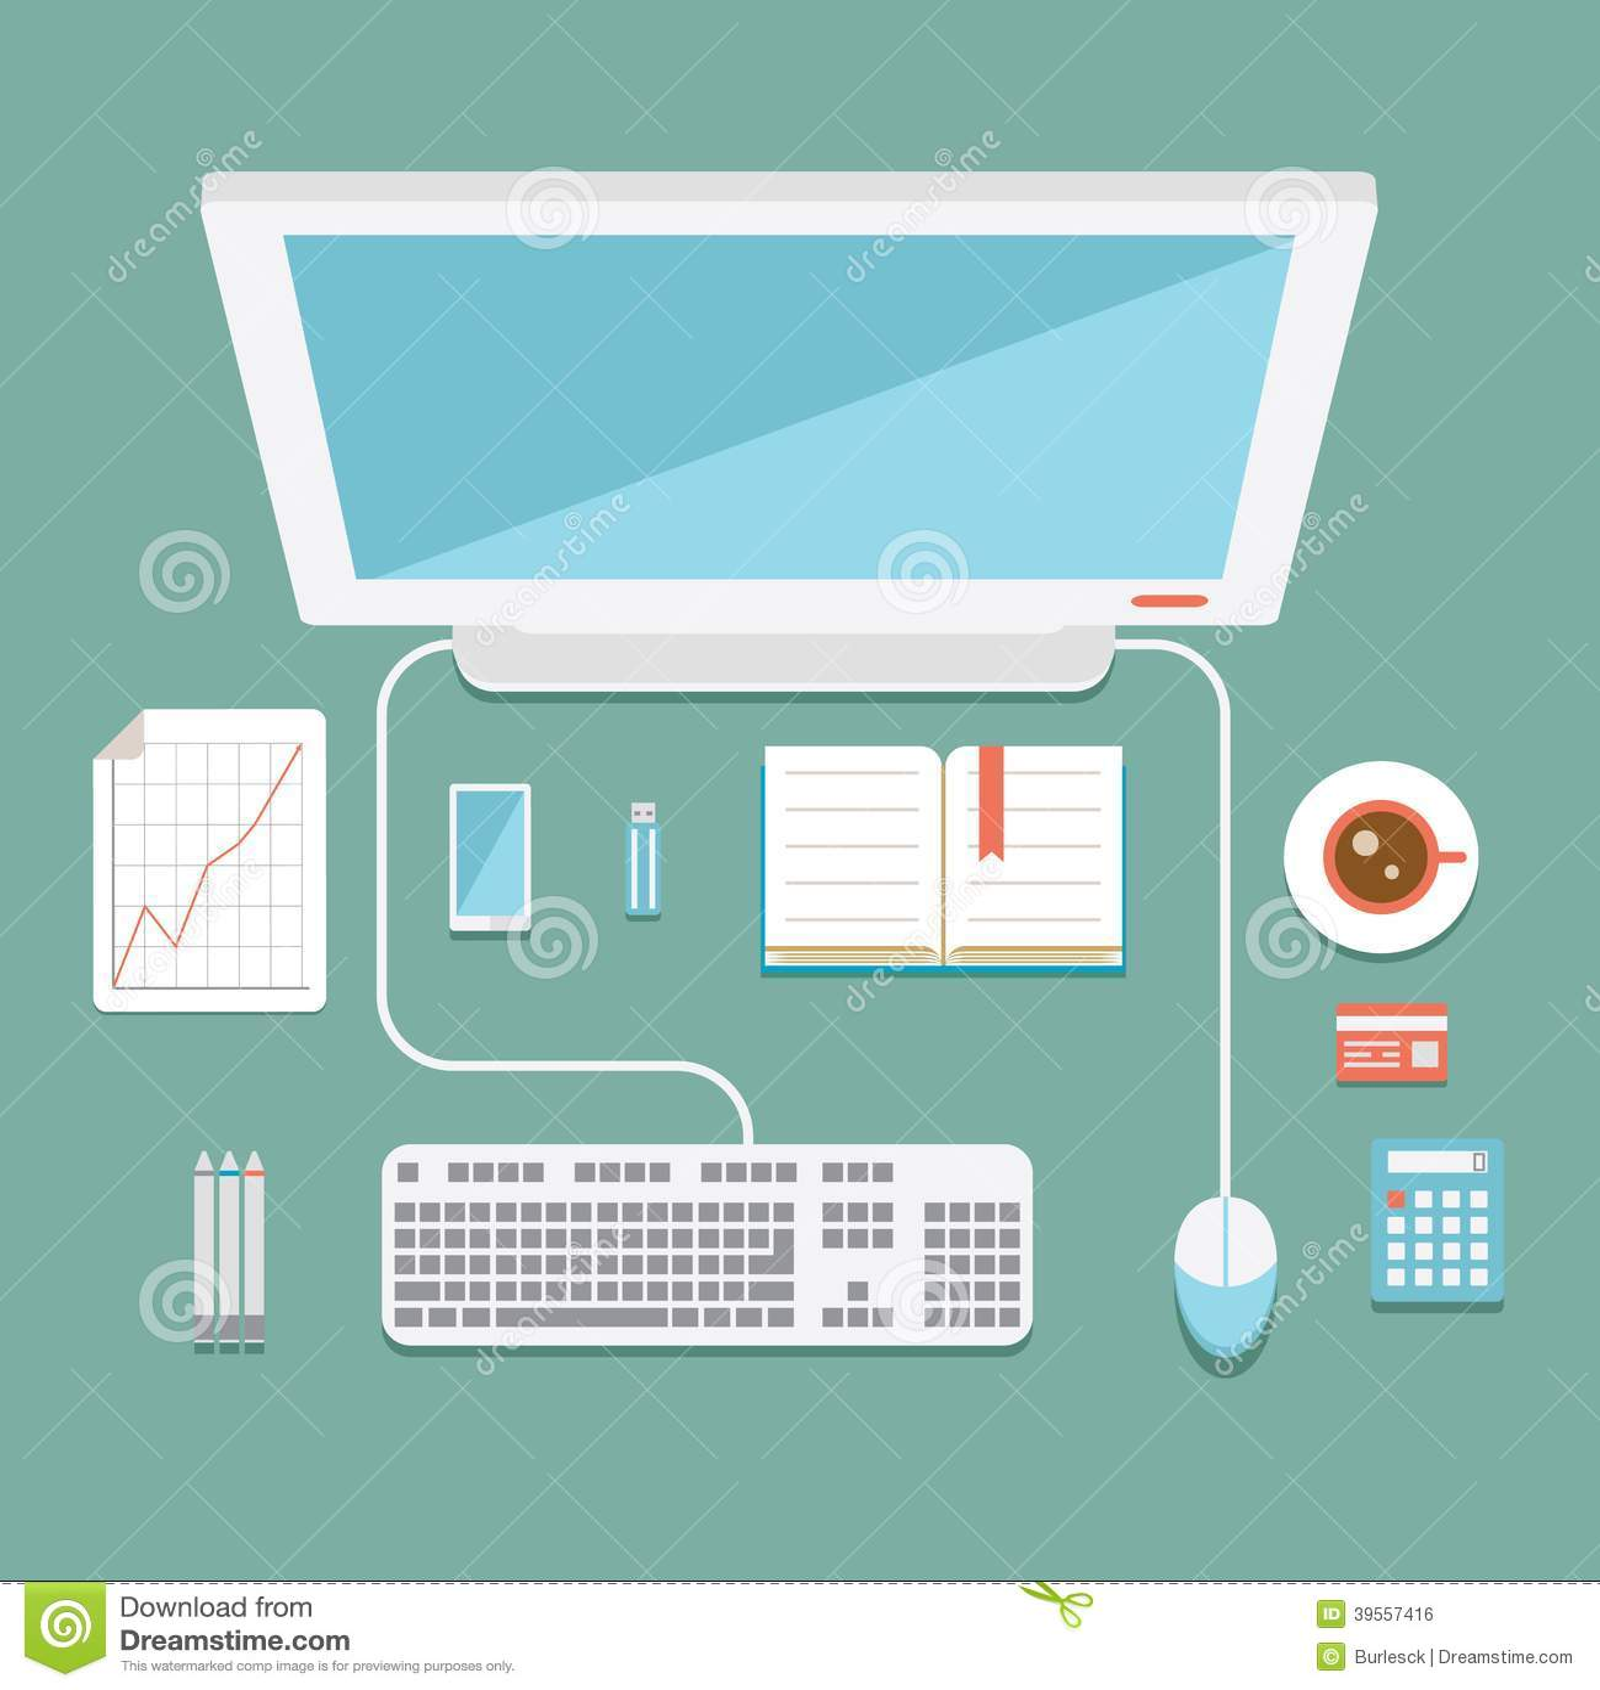 poste de travail de bureau dans le style plat illustration de vecteur illustration 39557416. Black Bedroom Furniture Sets. Home Design Ideas